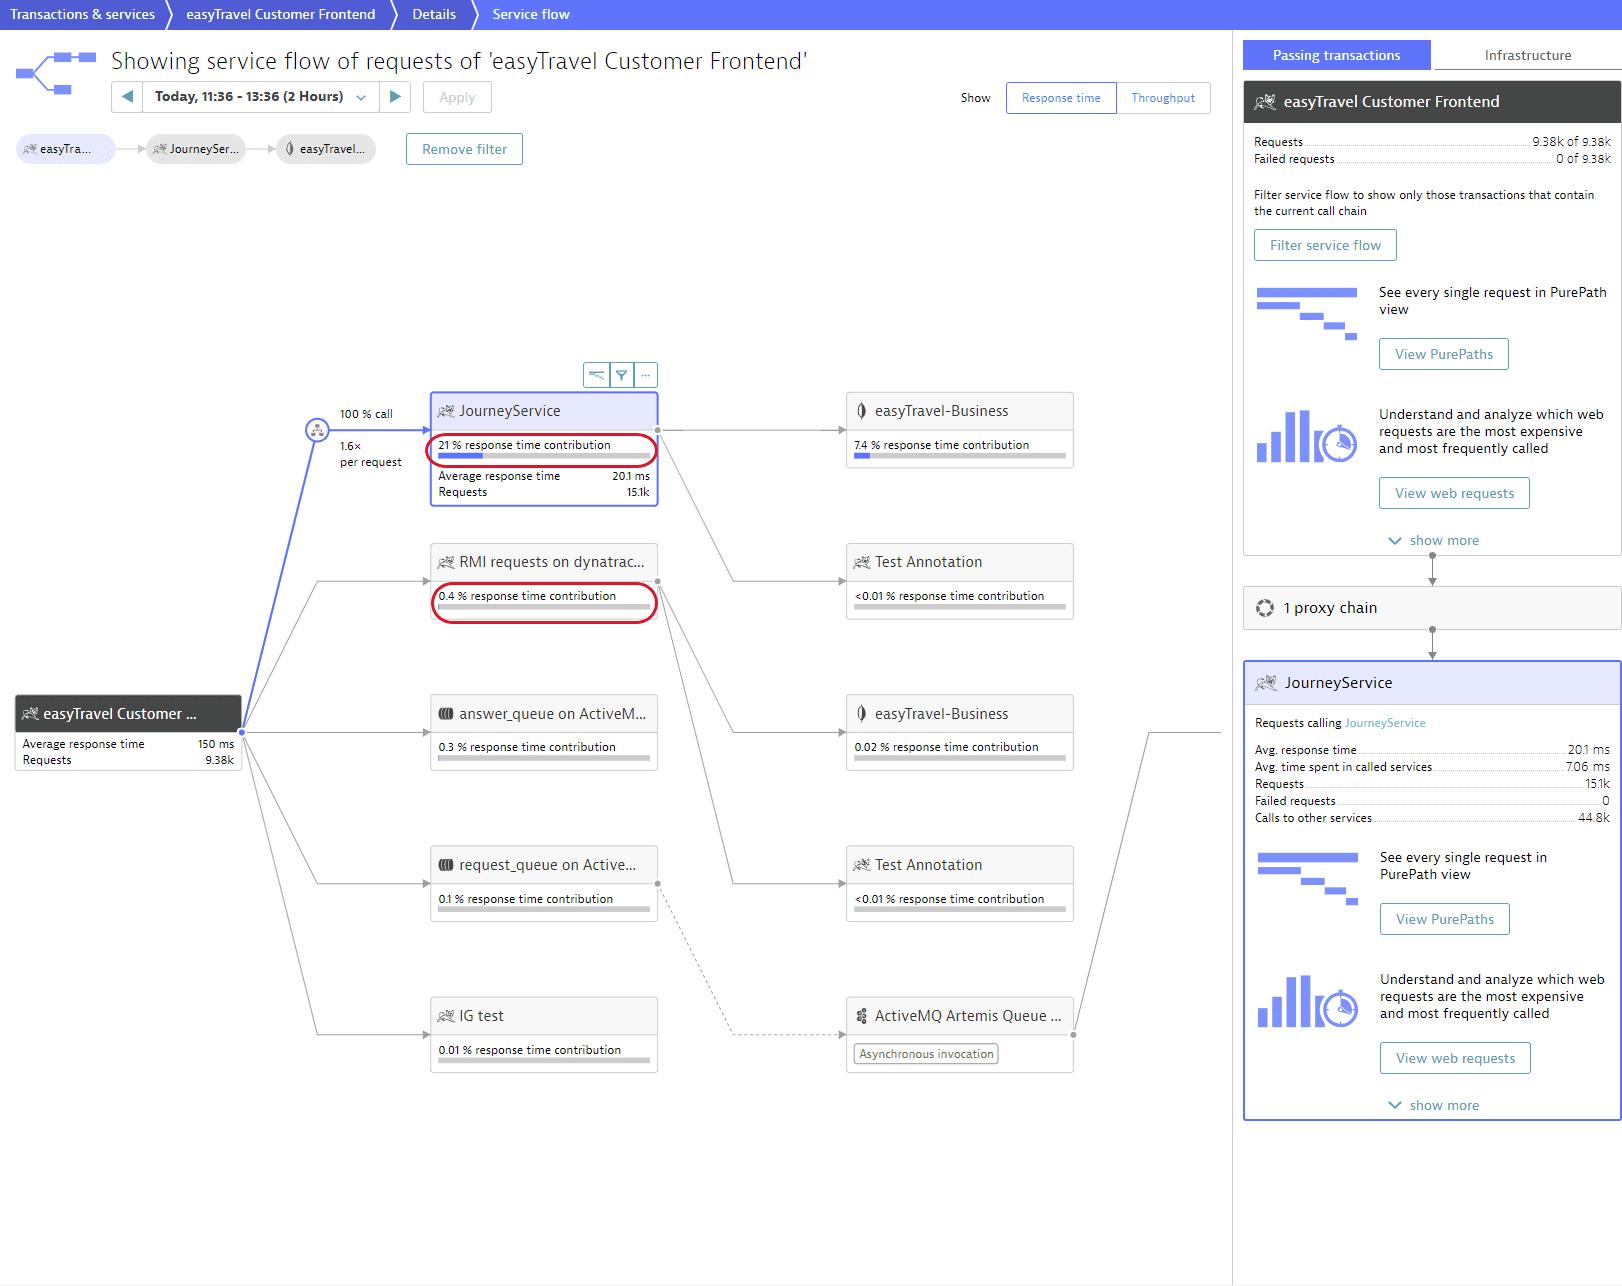 Service flow filtered